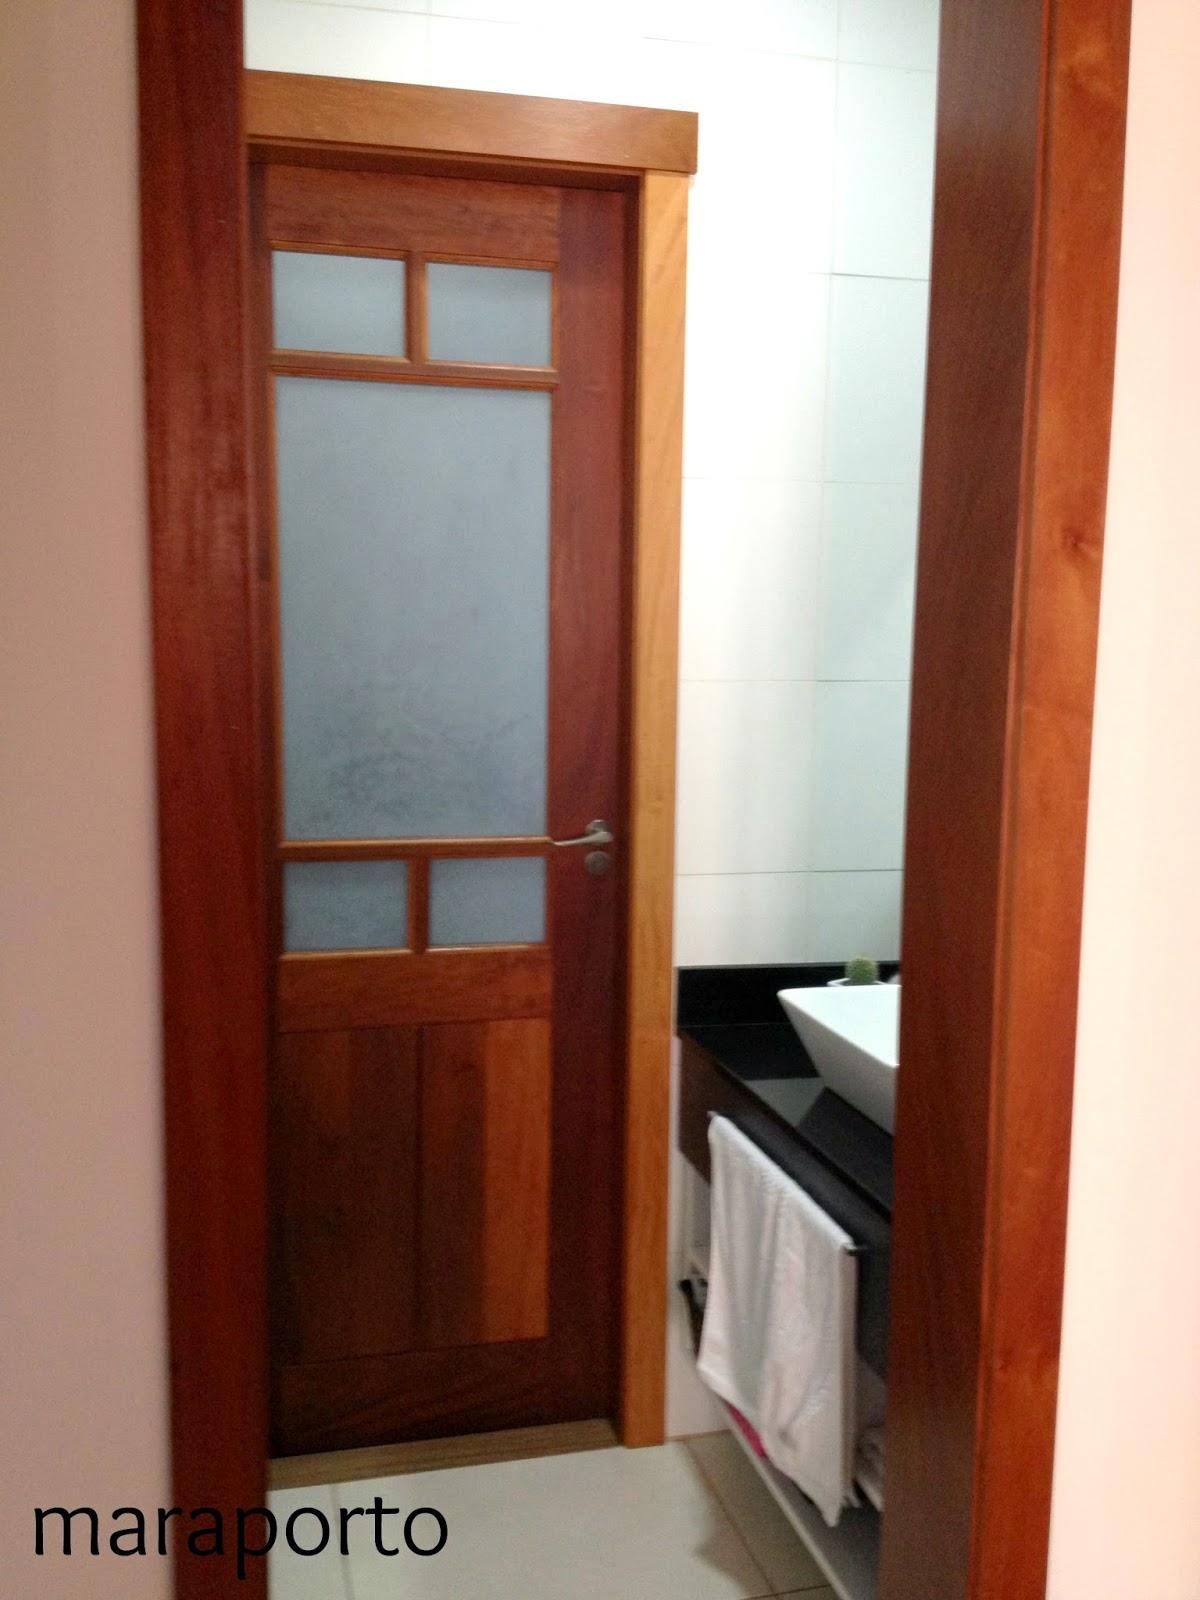 do banheiro escolhi um porta com vidro fosco pra passar luminosidade #3A140B 1200x1600 Azulejo Fosco Banheiro